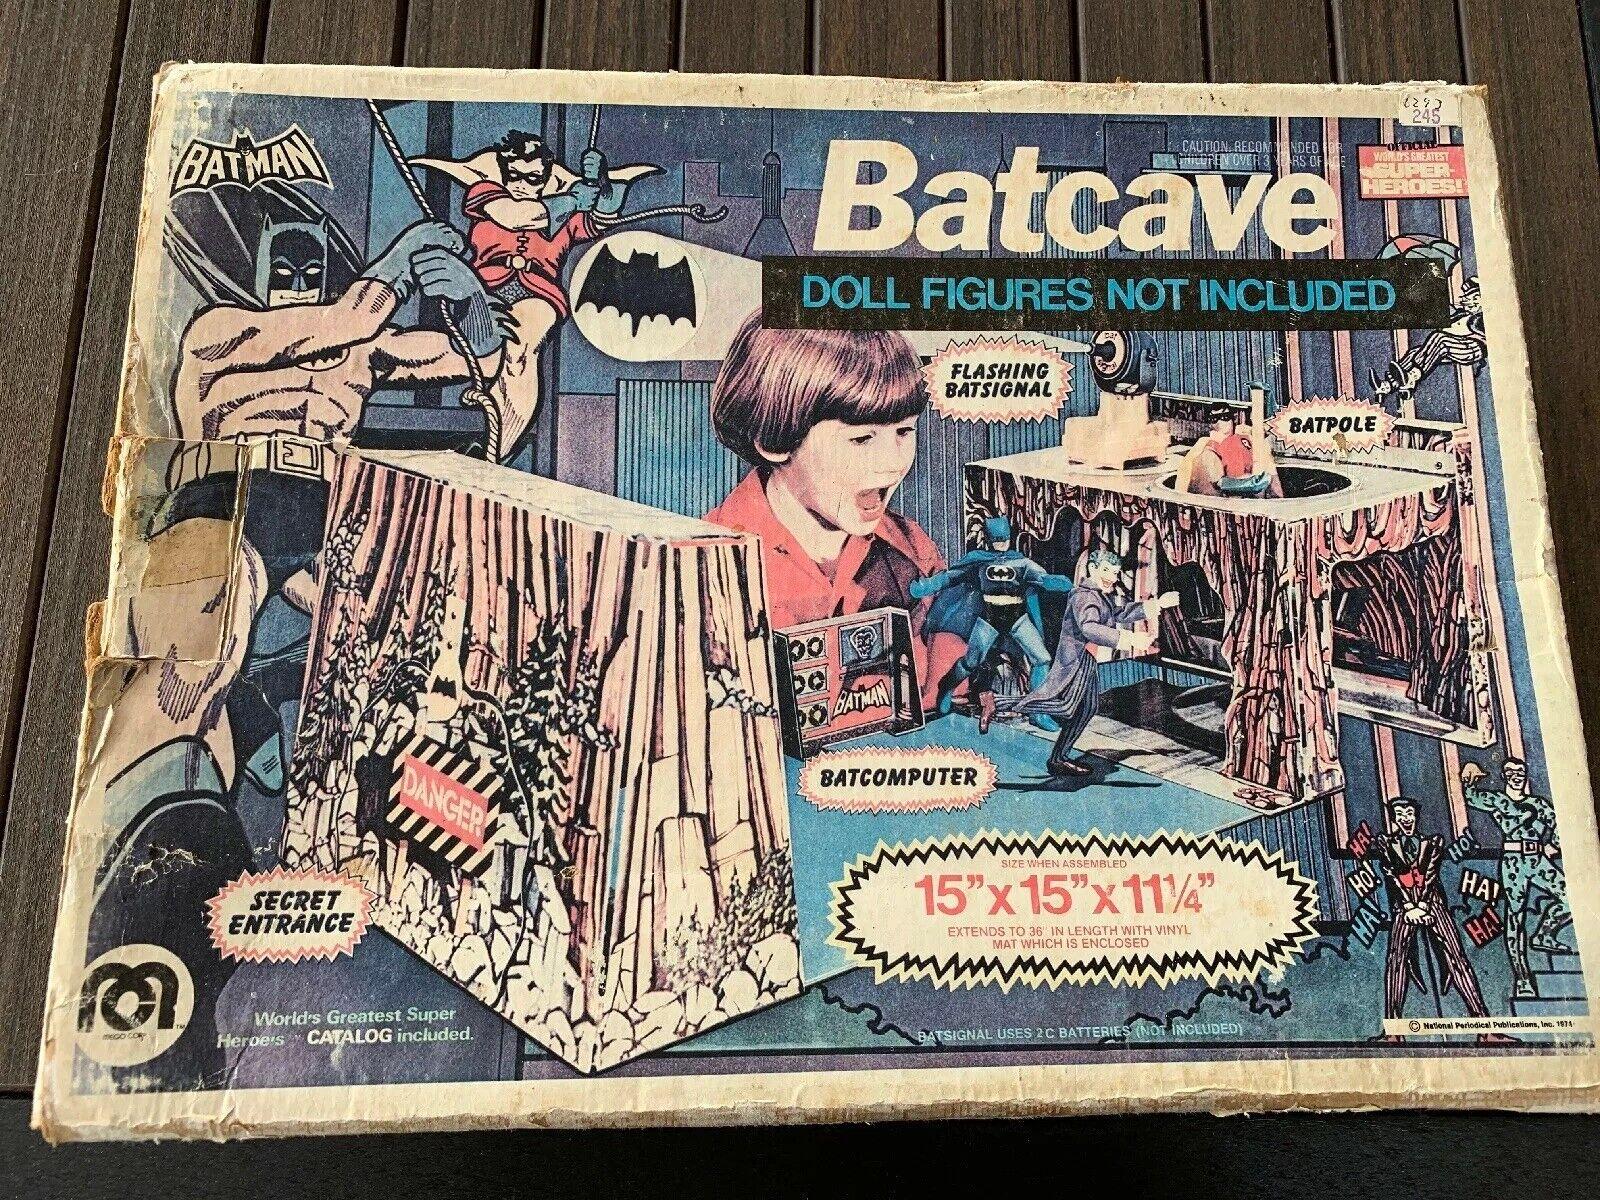 1974  la baticueva clásica de de de mego, 8 pulgadas, caja de personajes de wgsh. a7c